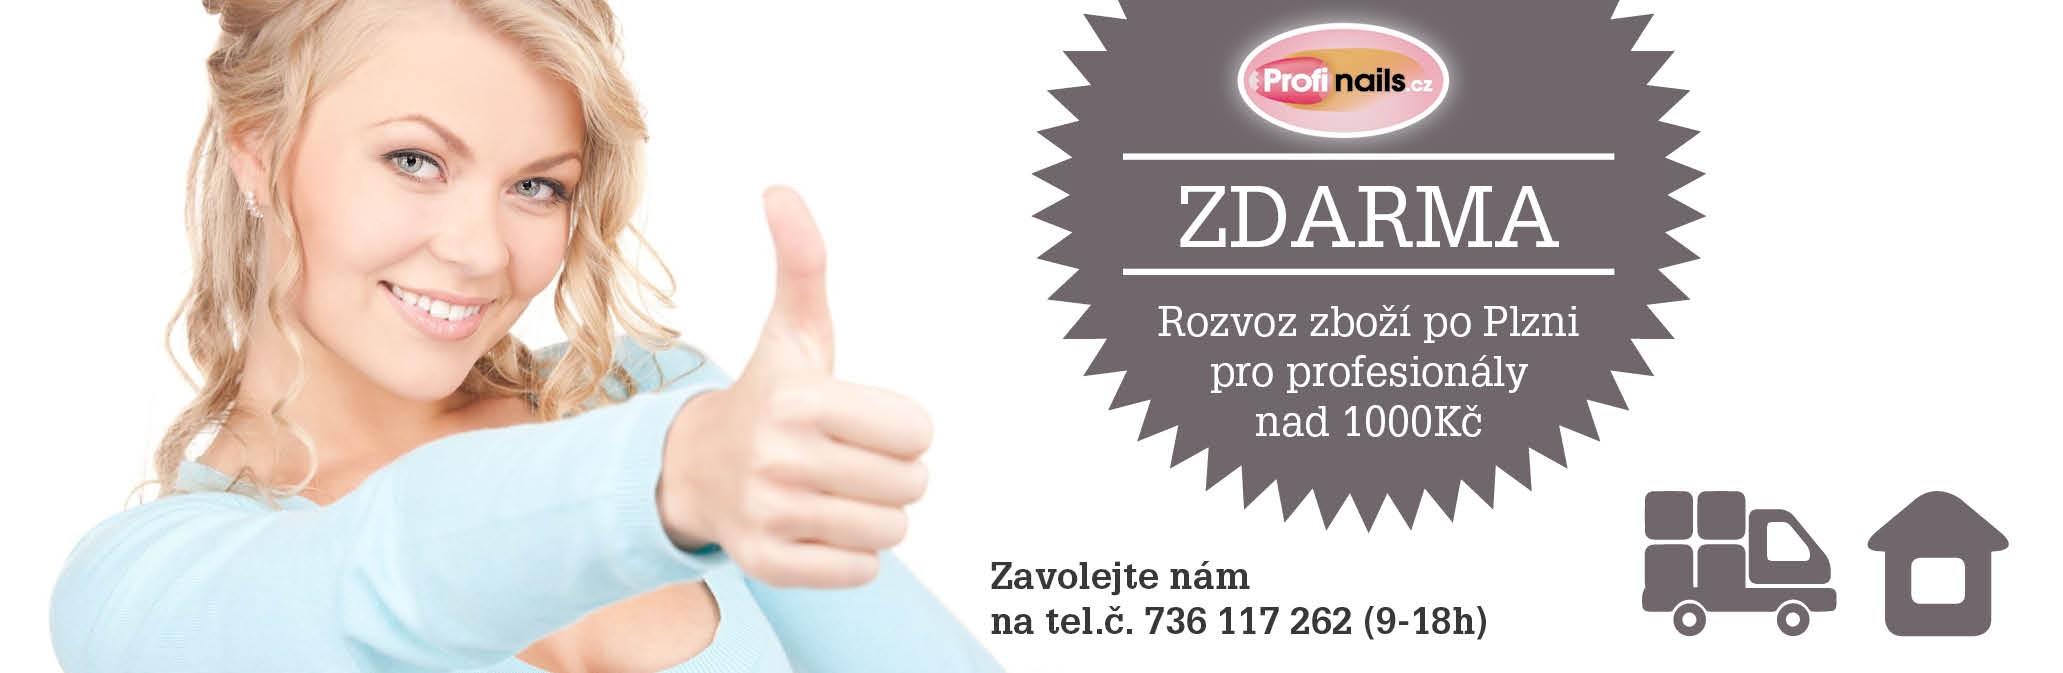 Doprava zdarma po Plzni